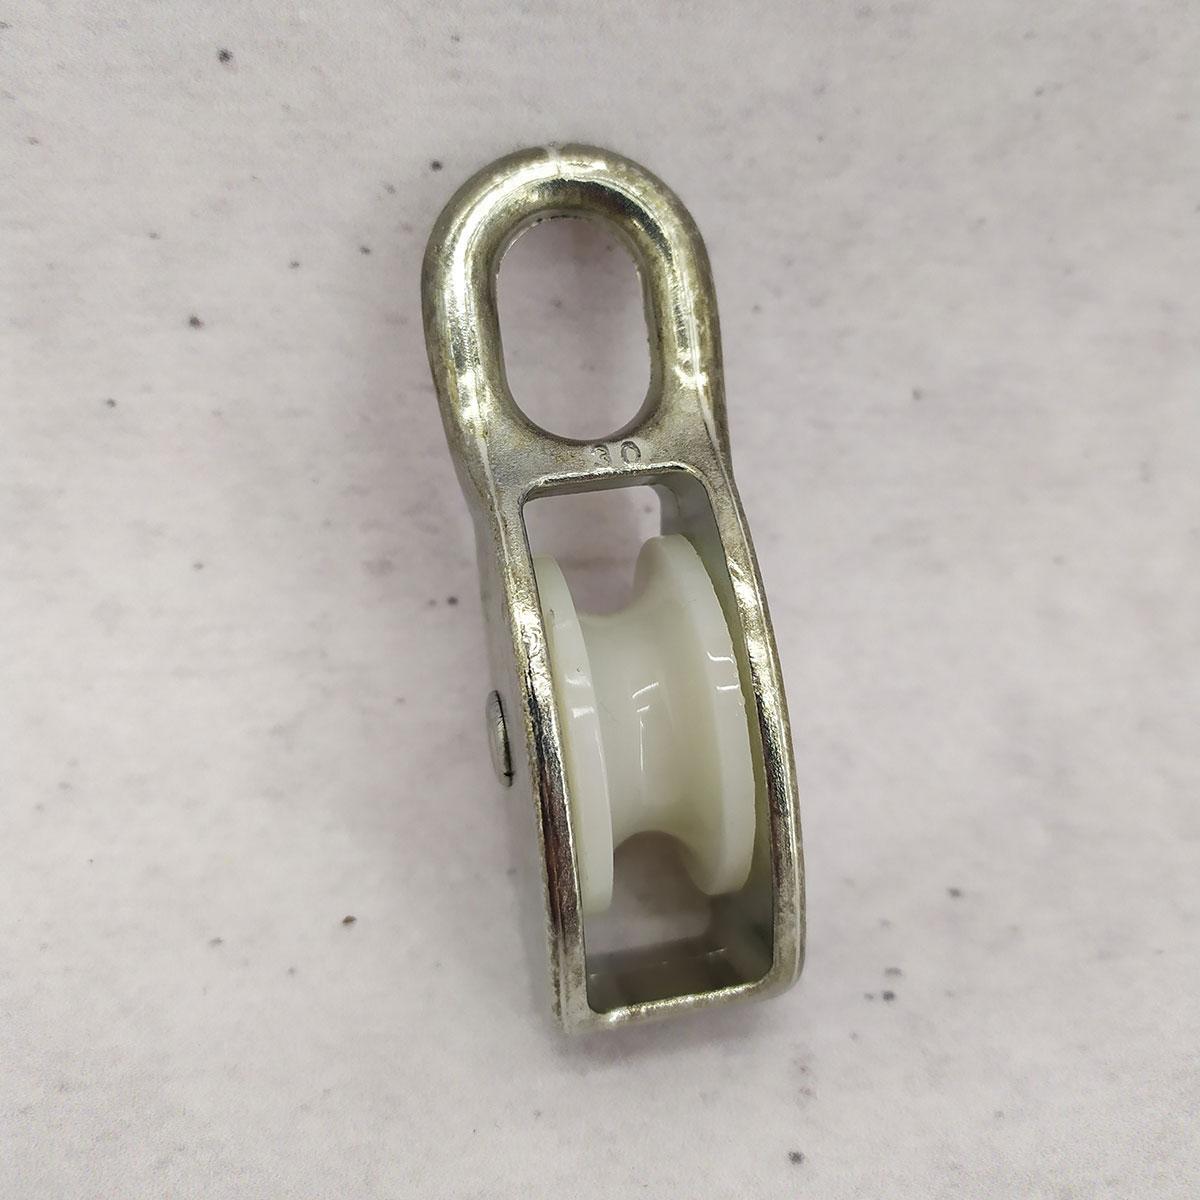 Блок такелажный бельевой одинарный  30 мм - блочок нейлоновый для подъема груза